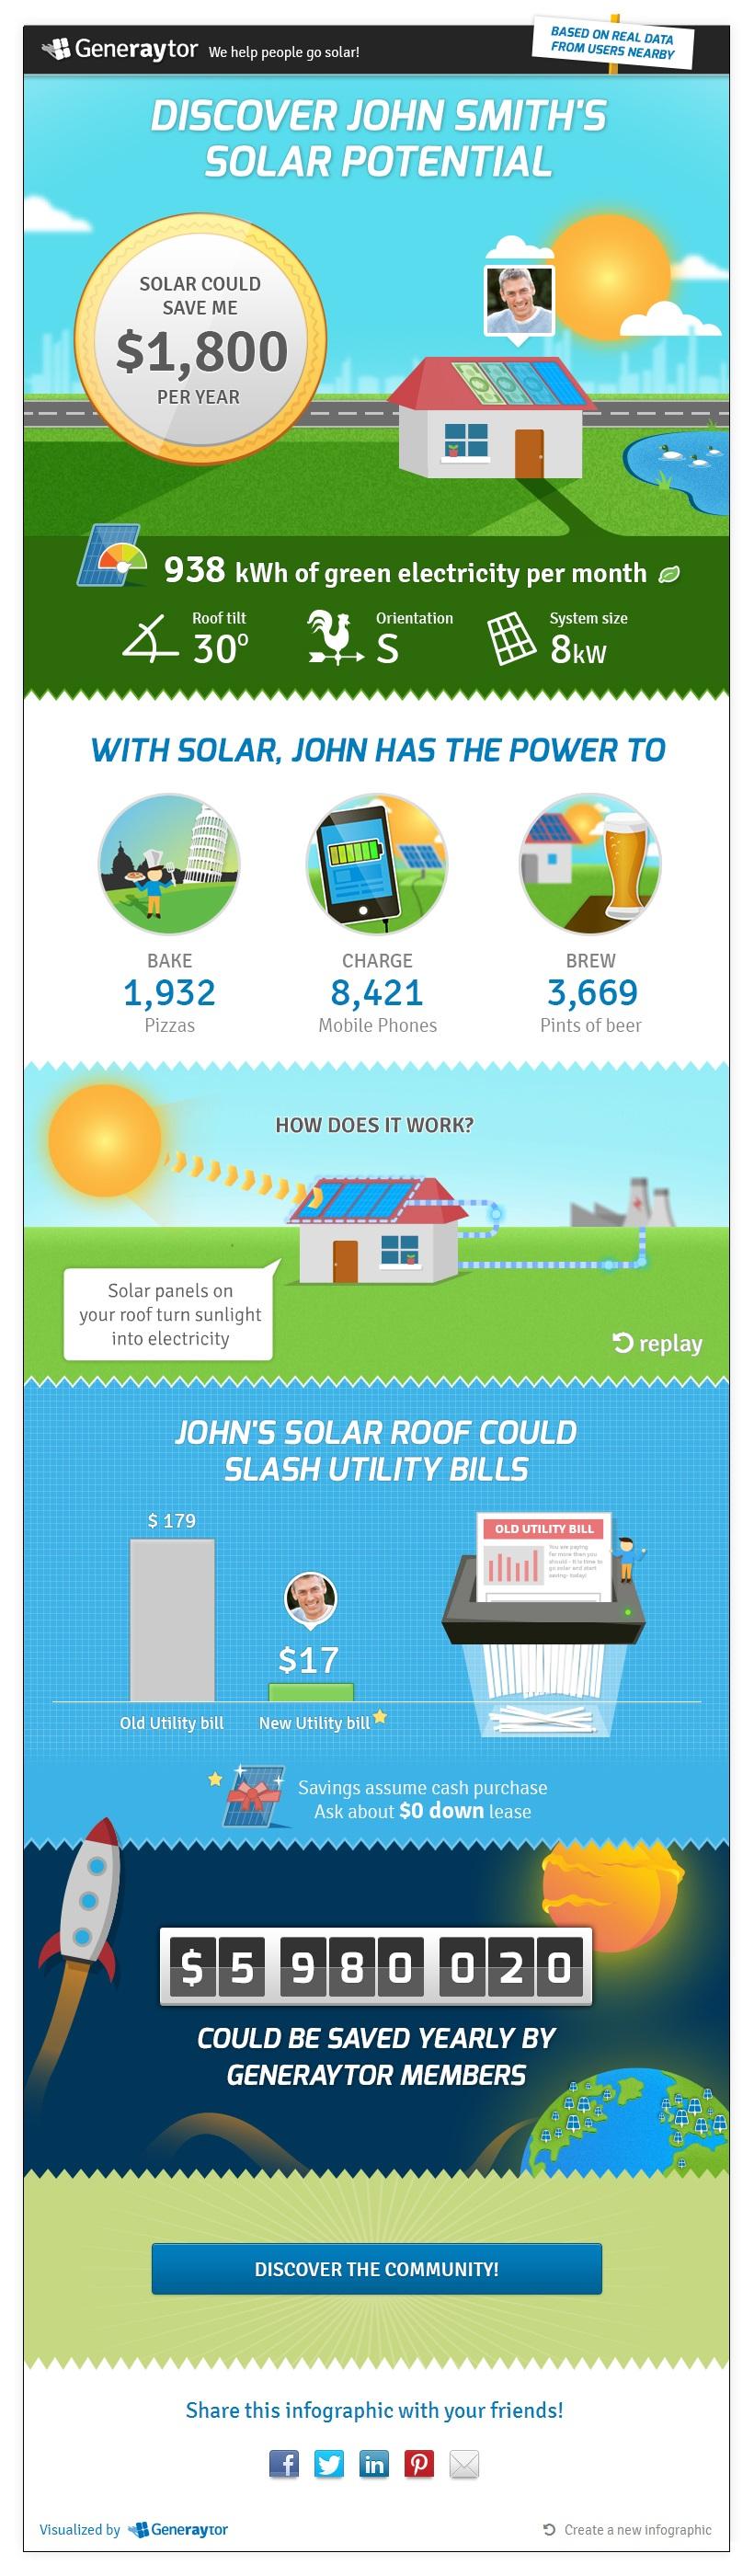 Generaytor screenshot infographic